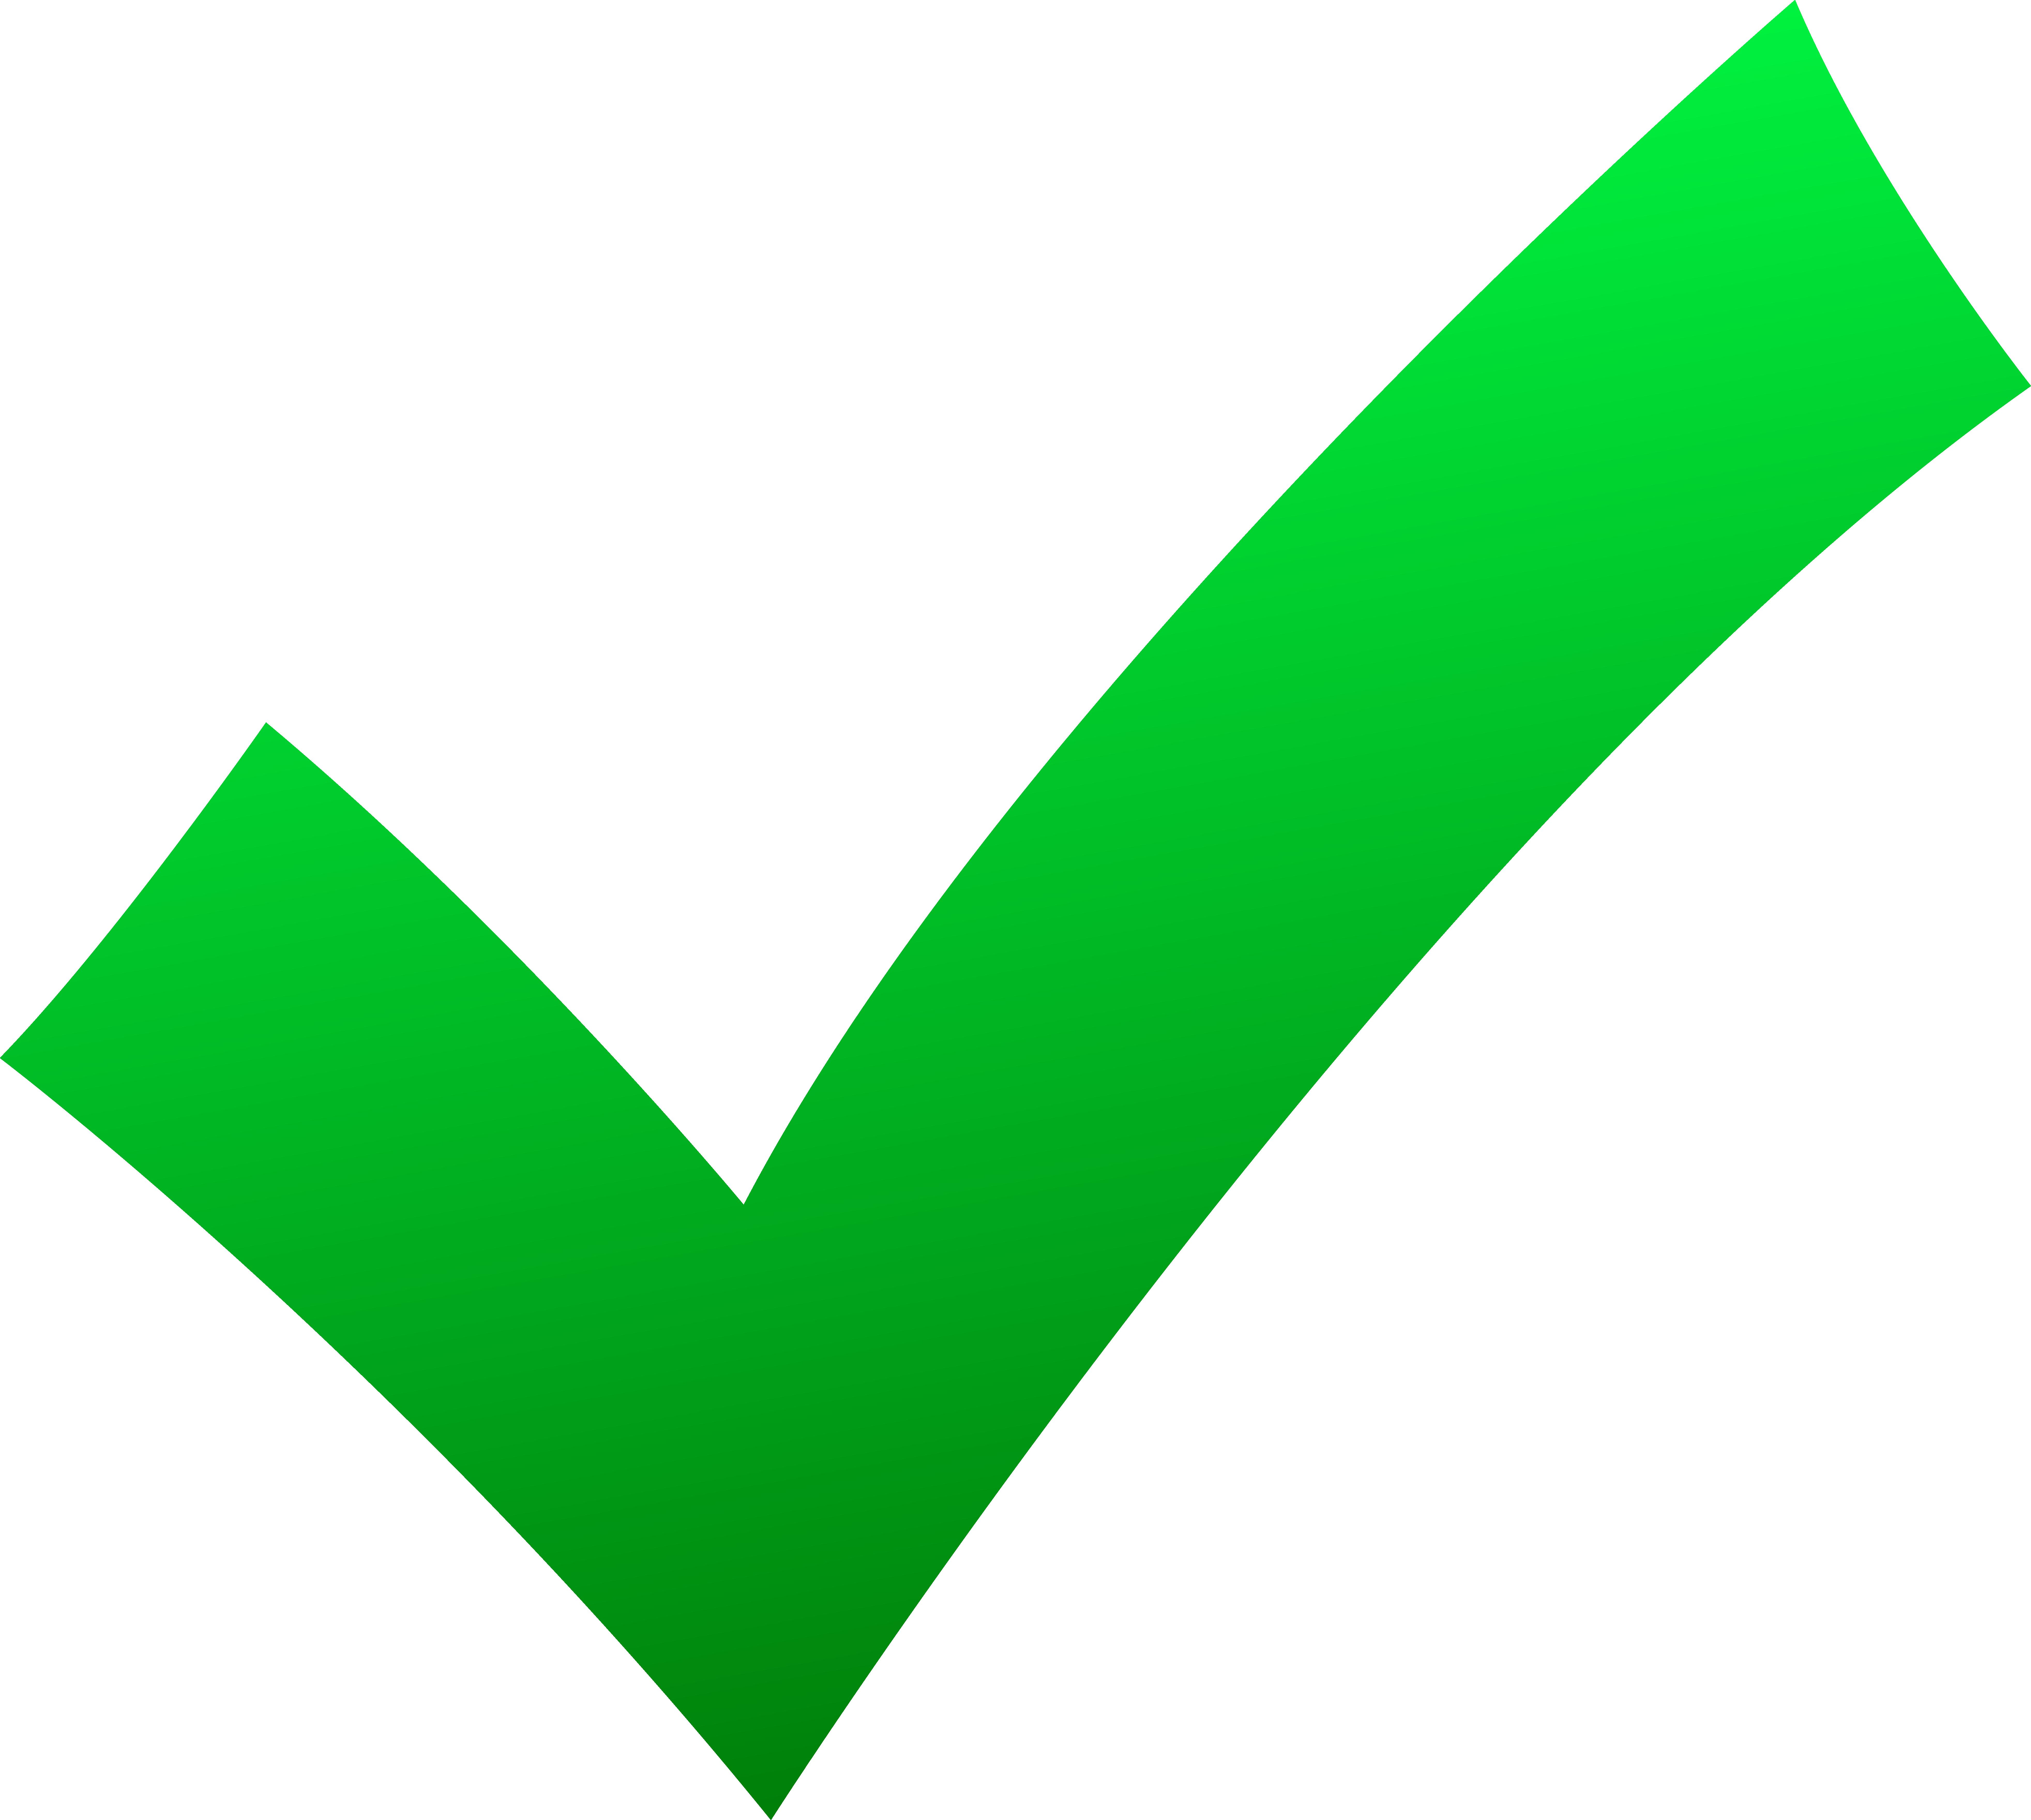 ... Free clipart check mark symbol ...